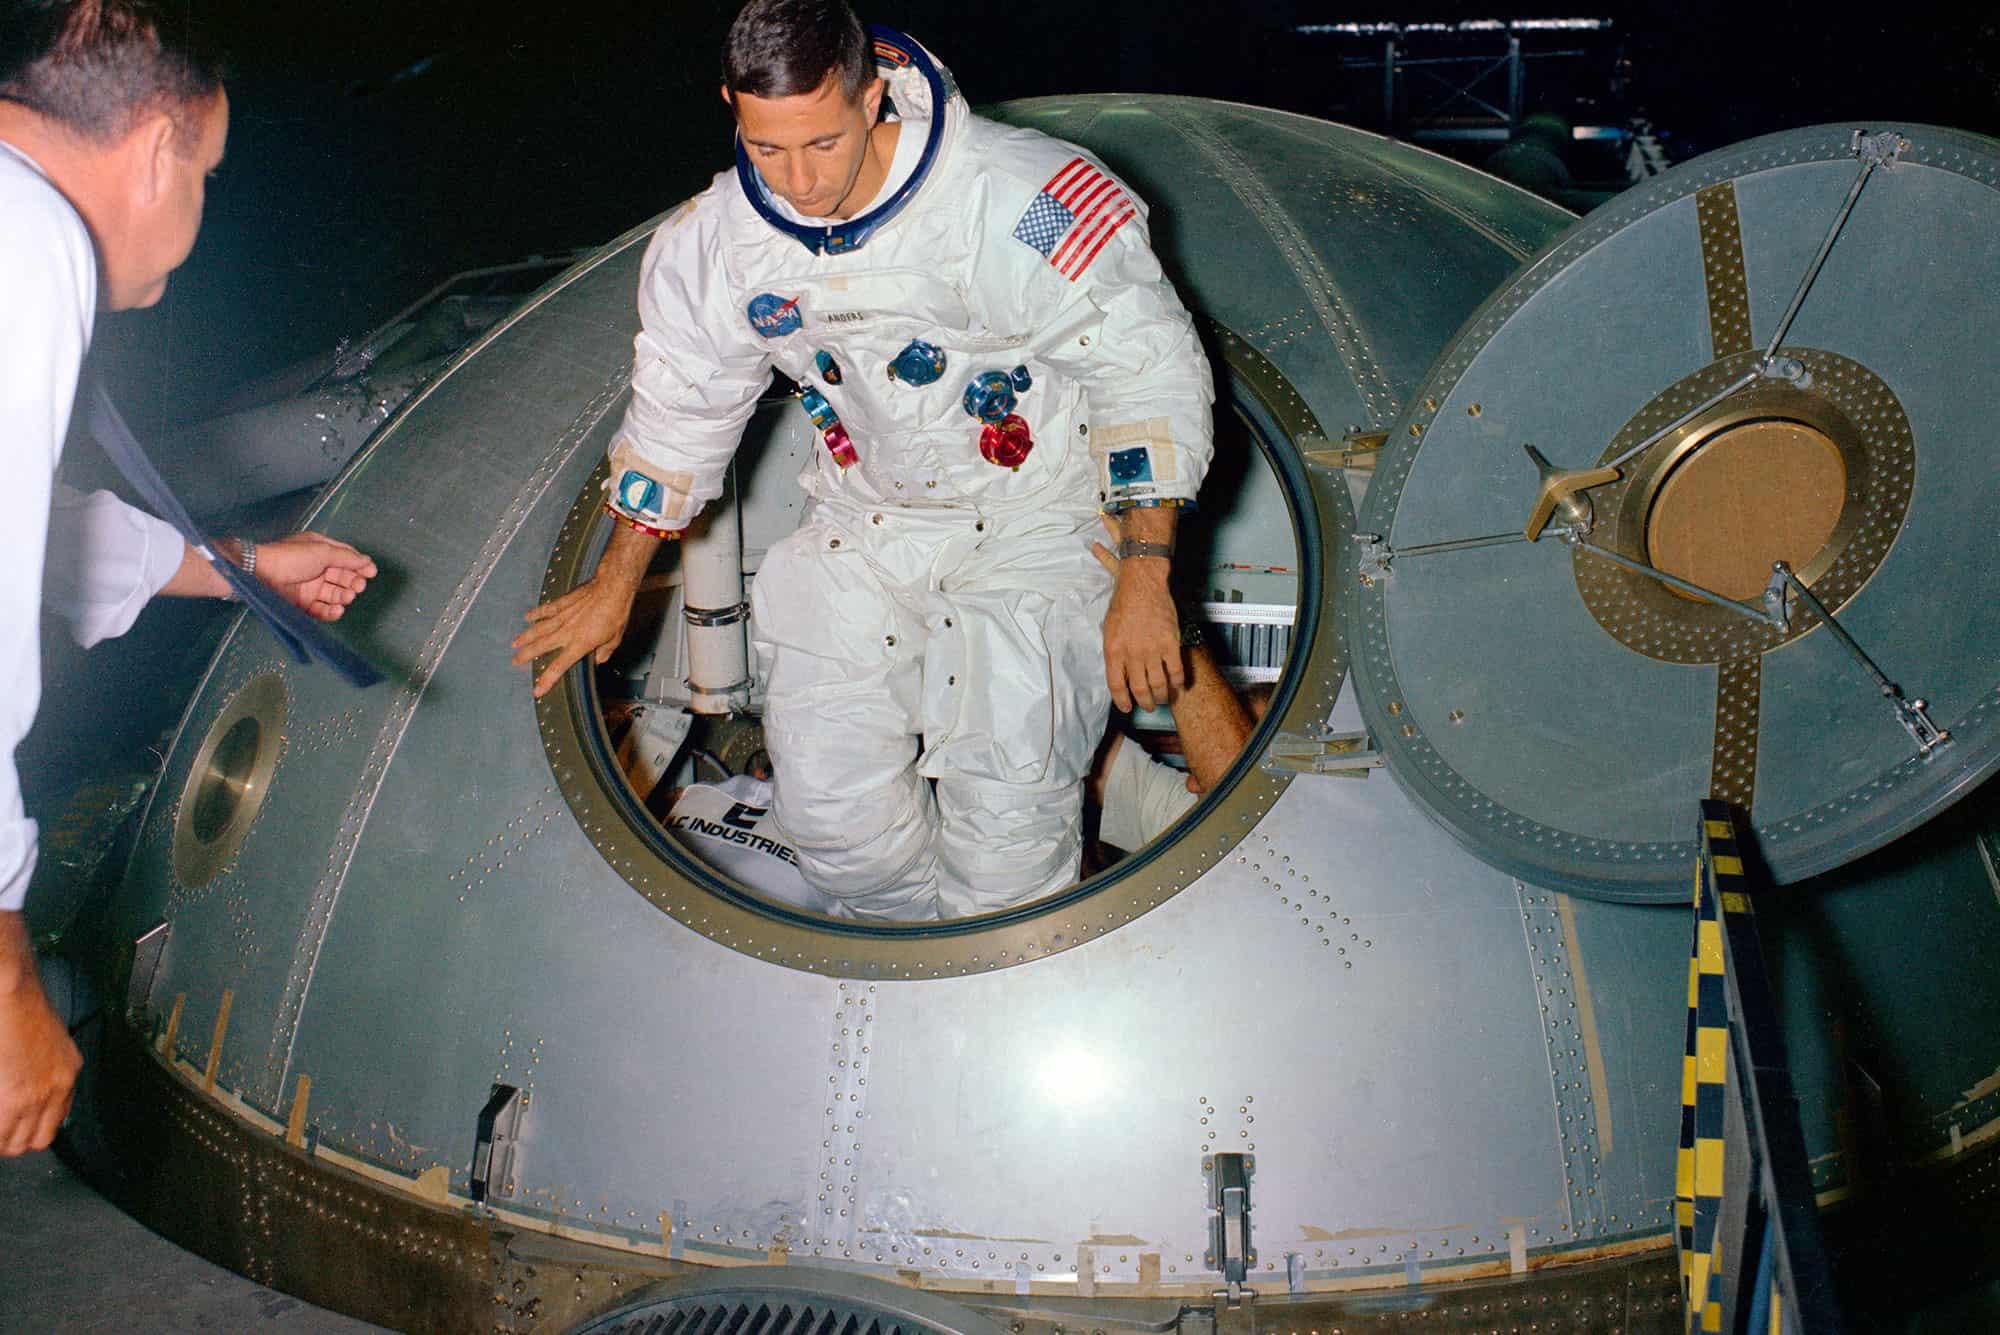 El astronauta del Apolo 8 que tomó la foto 'Earthrise'